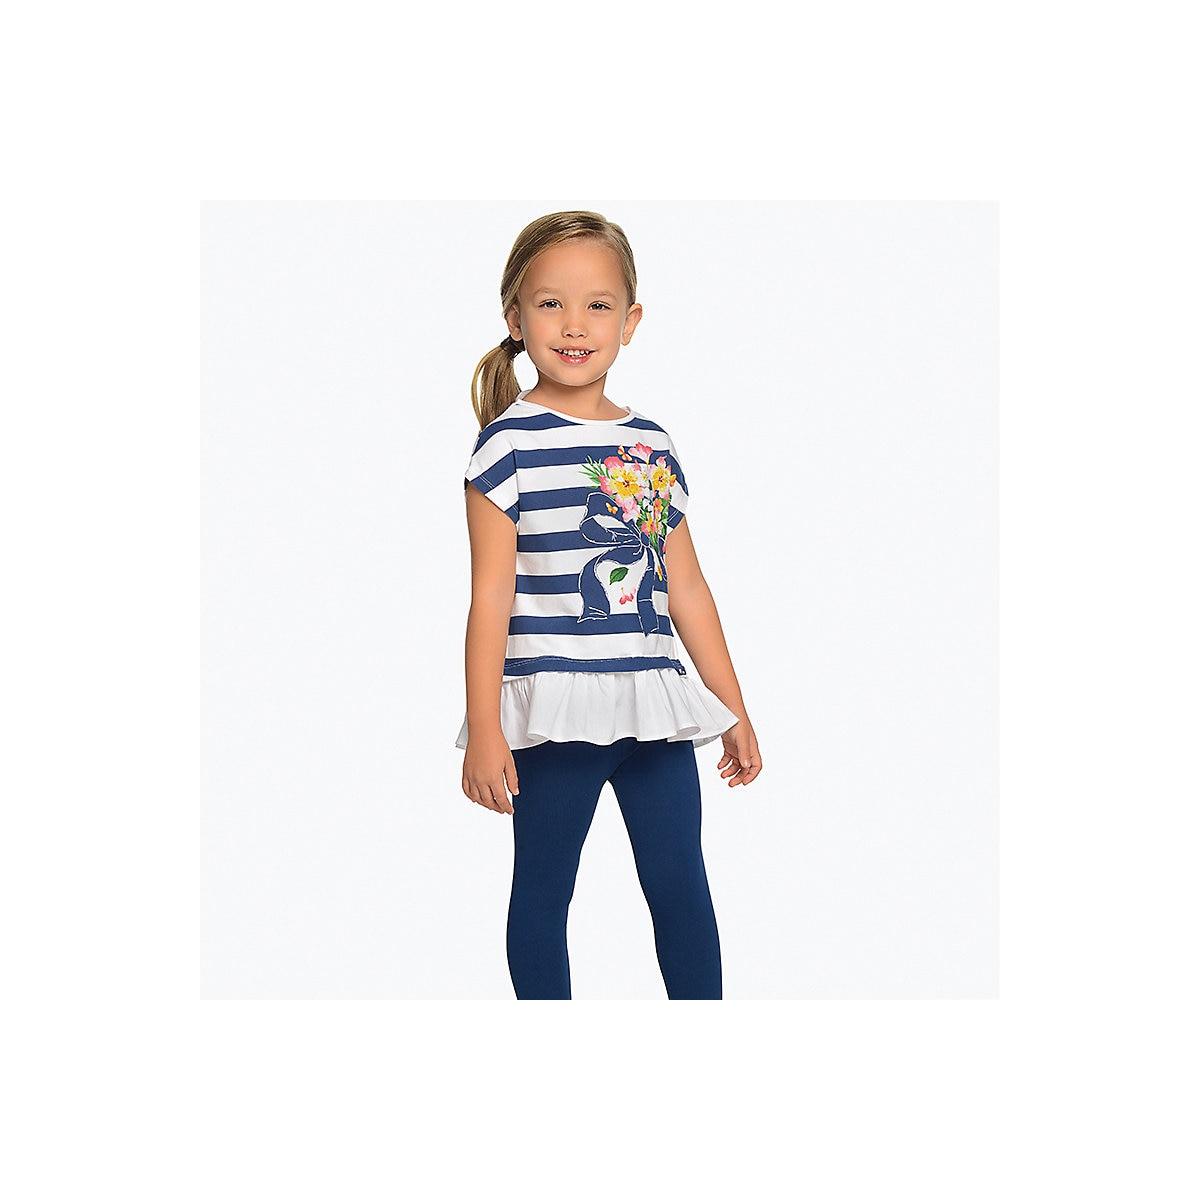 Conjuntos de niños MAYORAL 10687134 conjunto de ropa para niños pantalones camiseta piernas camisa pantalones cortos niñas y niños